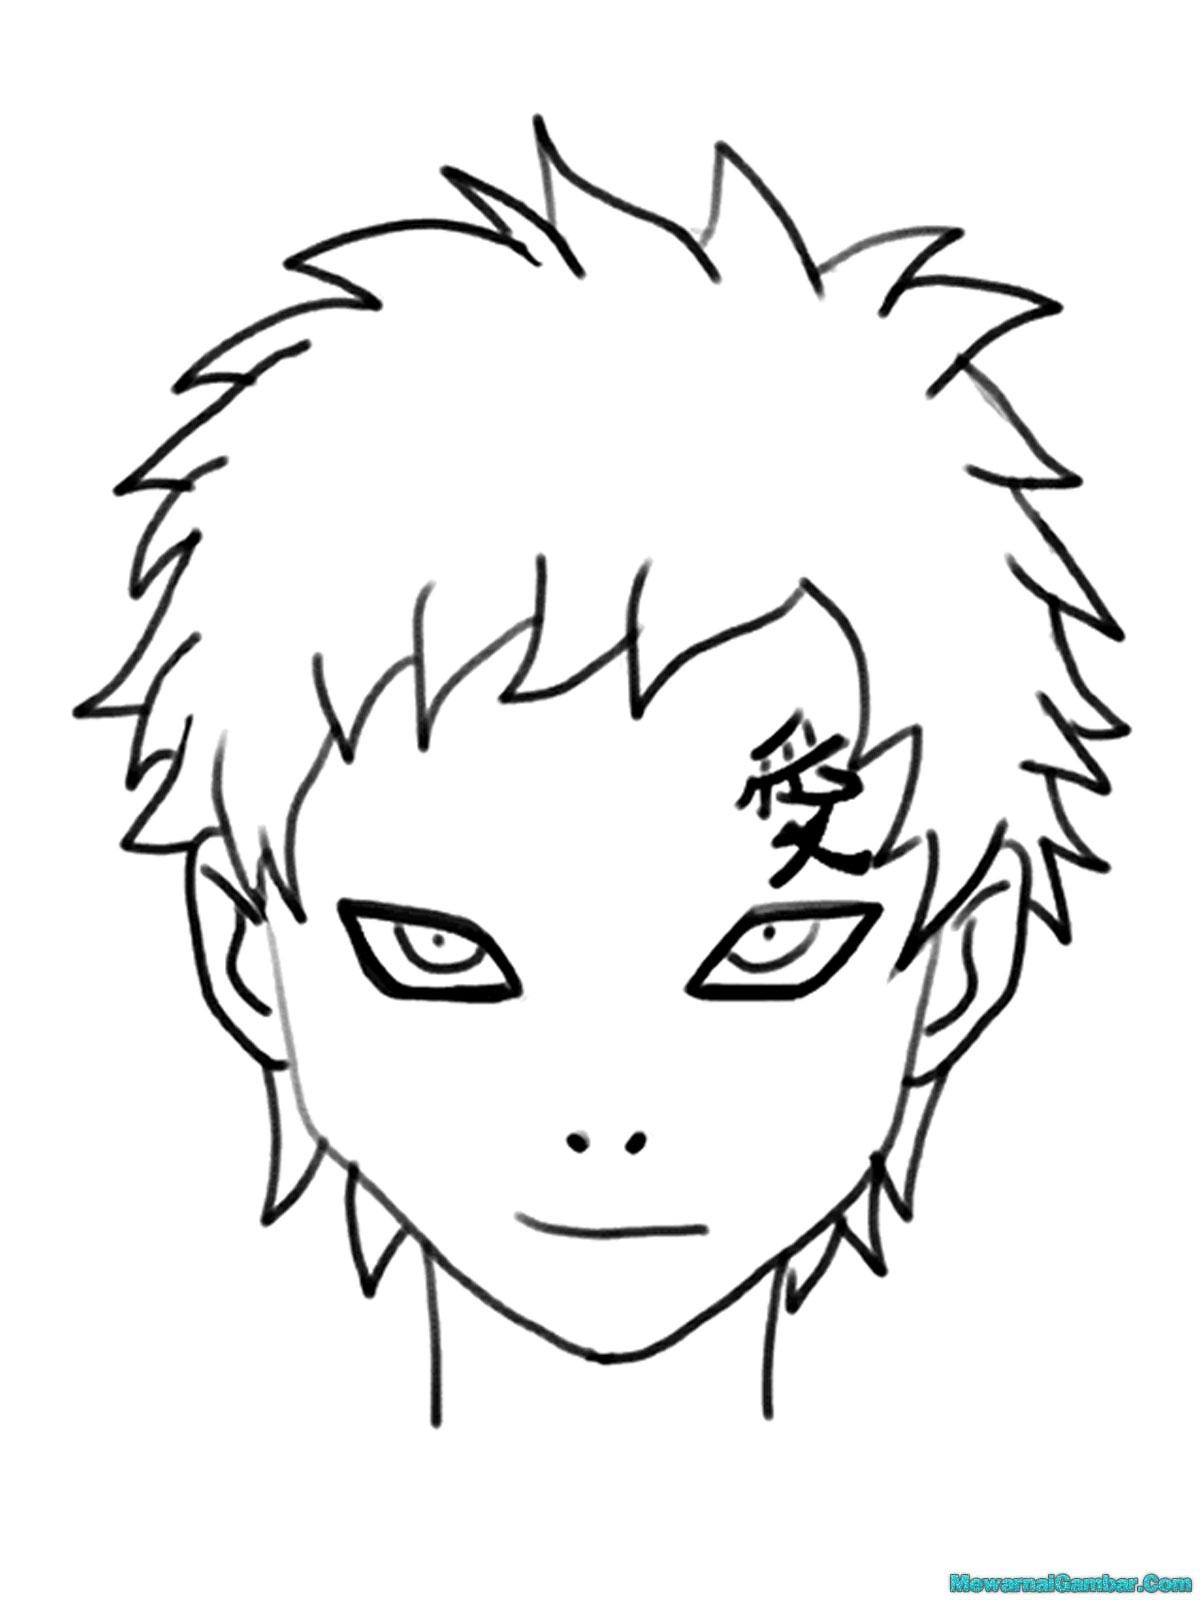 Mewarnai Musuh Musuh Naruto Mewarnai Gambar